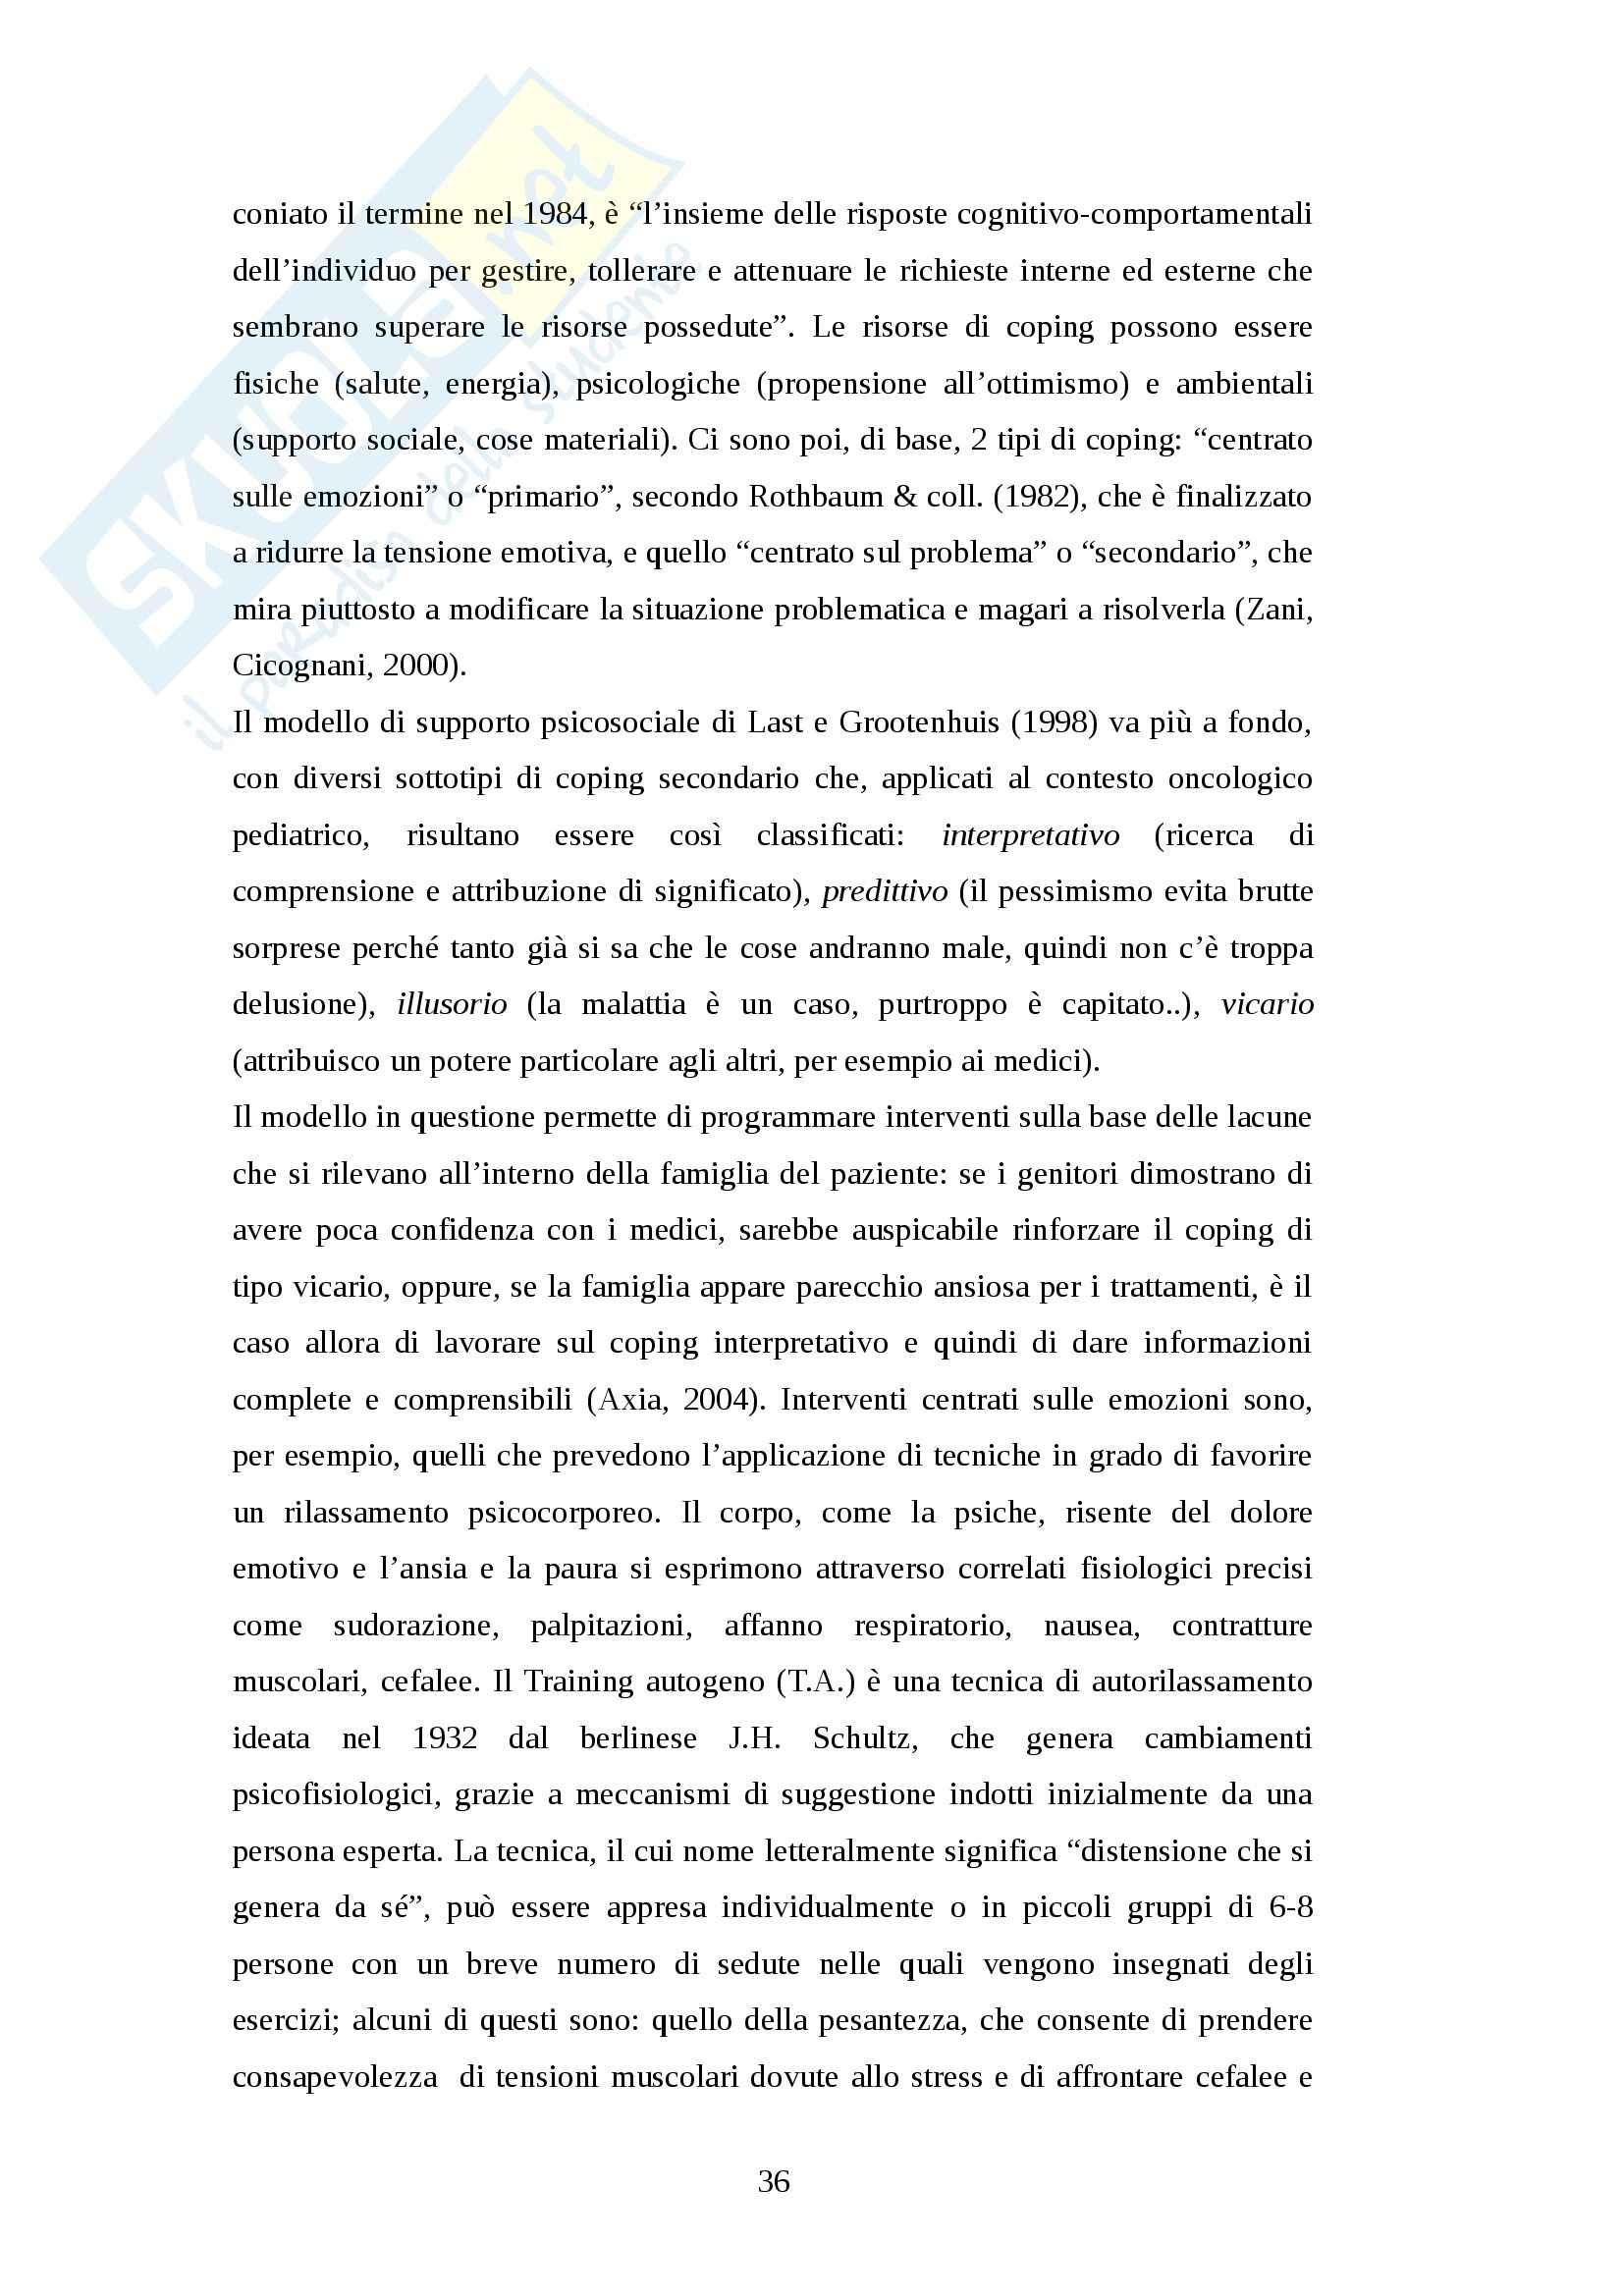 Tesi magistrale - Il vissuto depressivo nella famiglia del paziente oncologico pediatrico affetto da patologia cronica Pag. 36